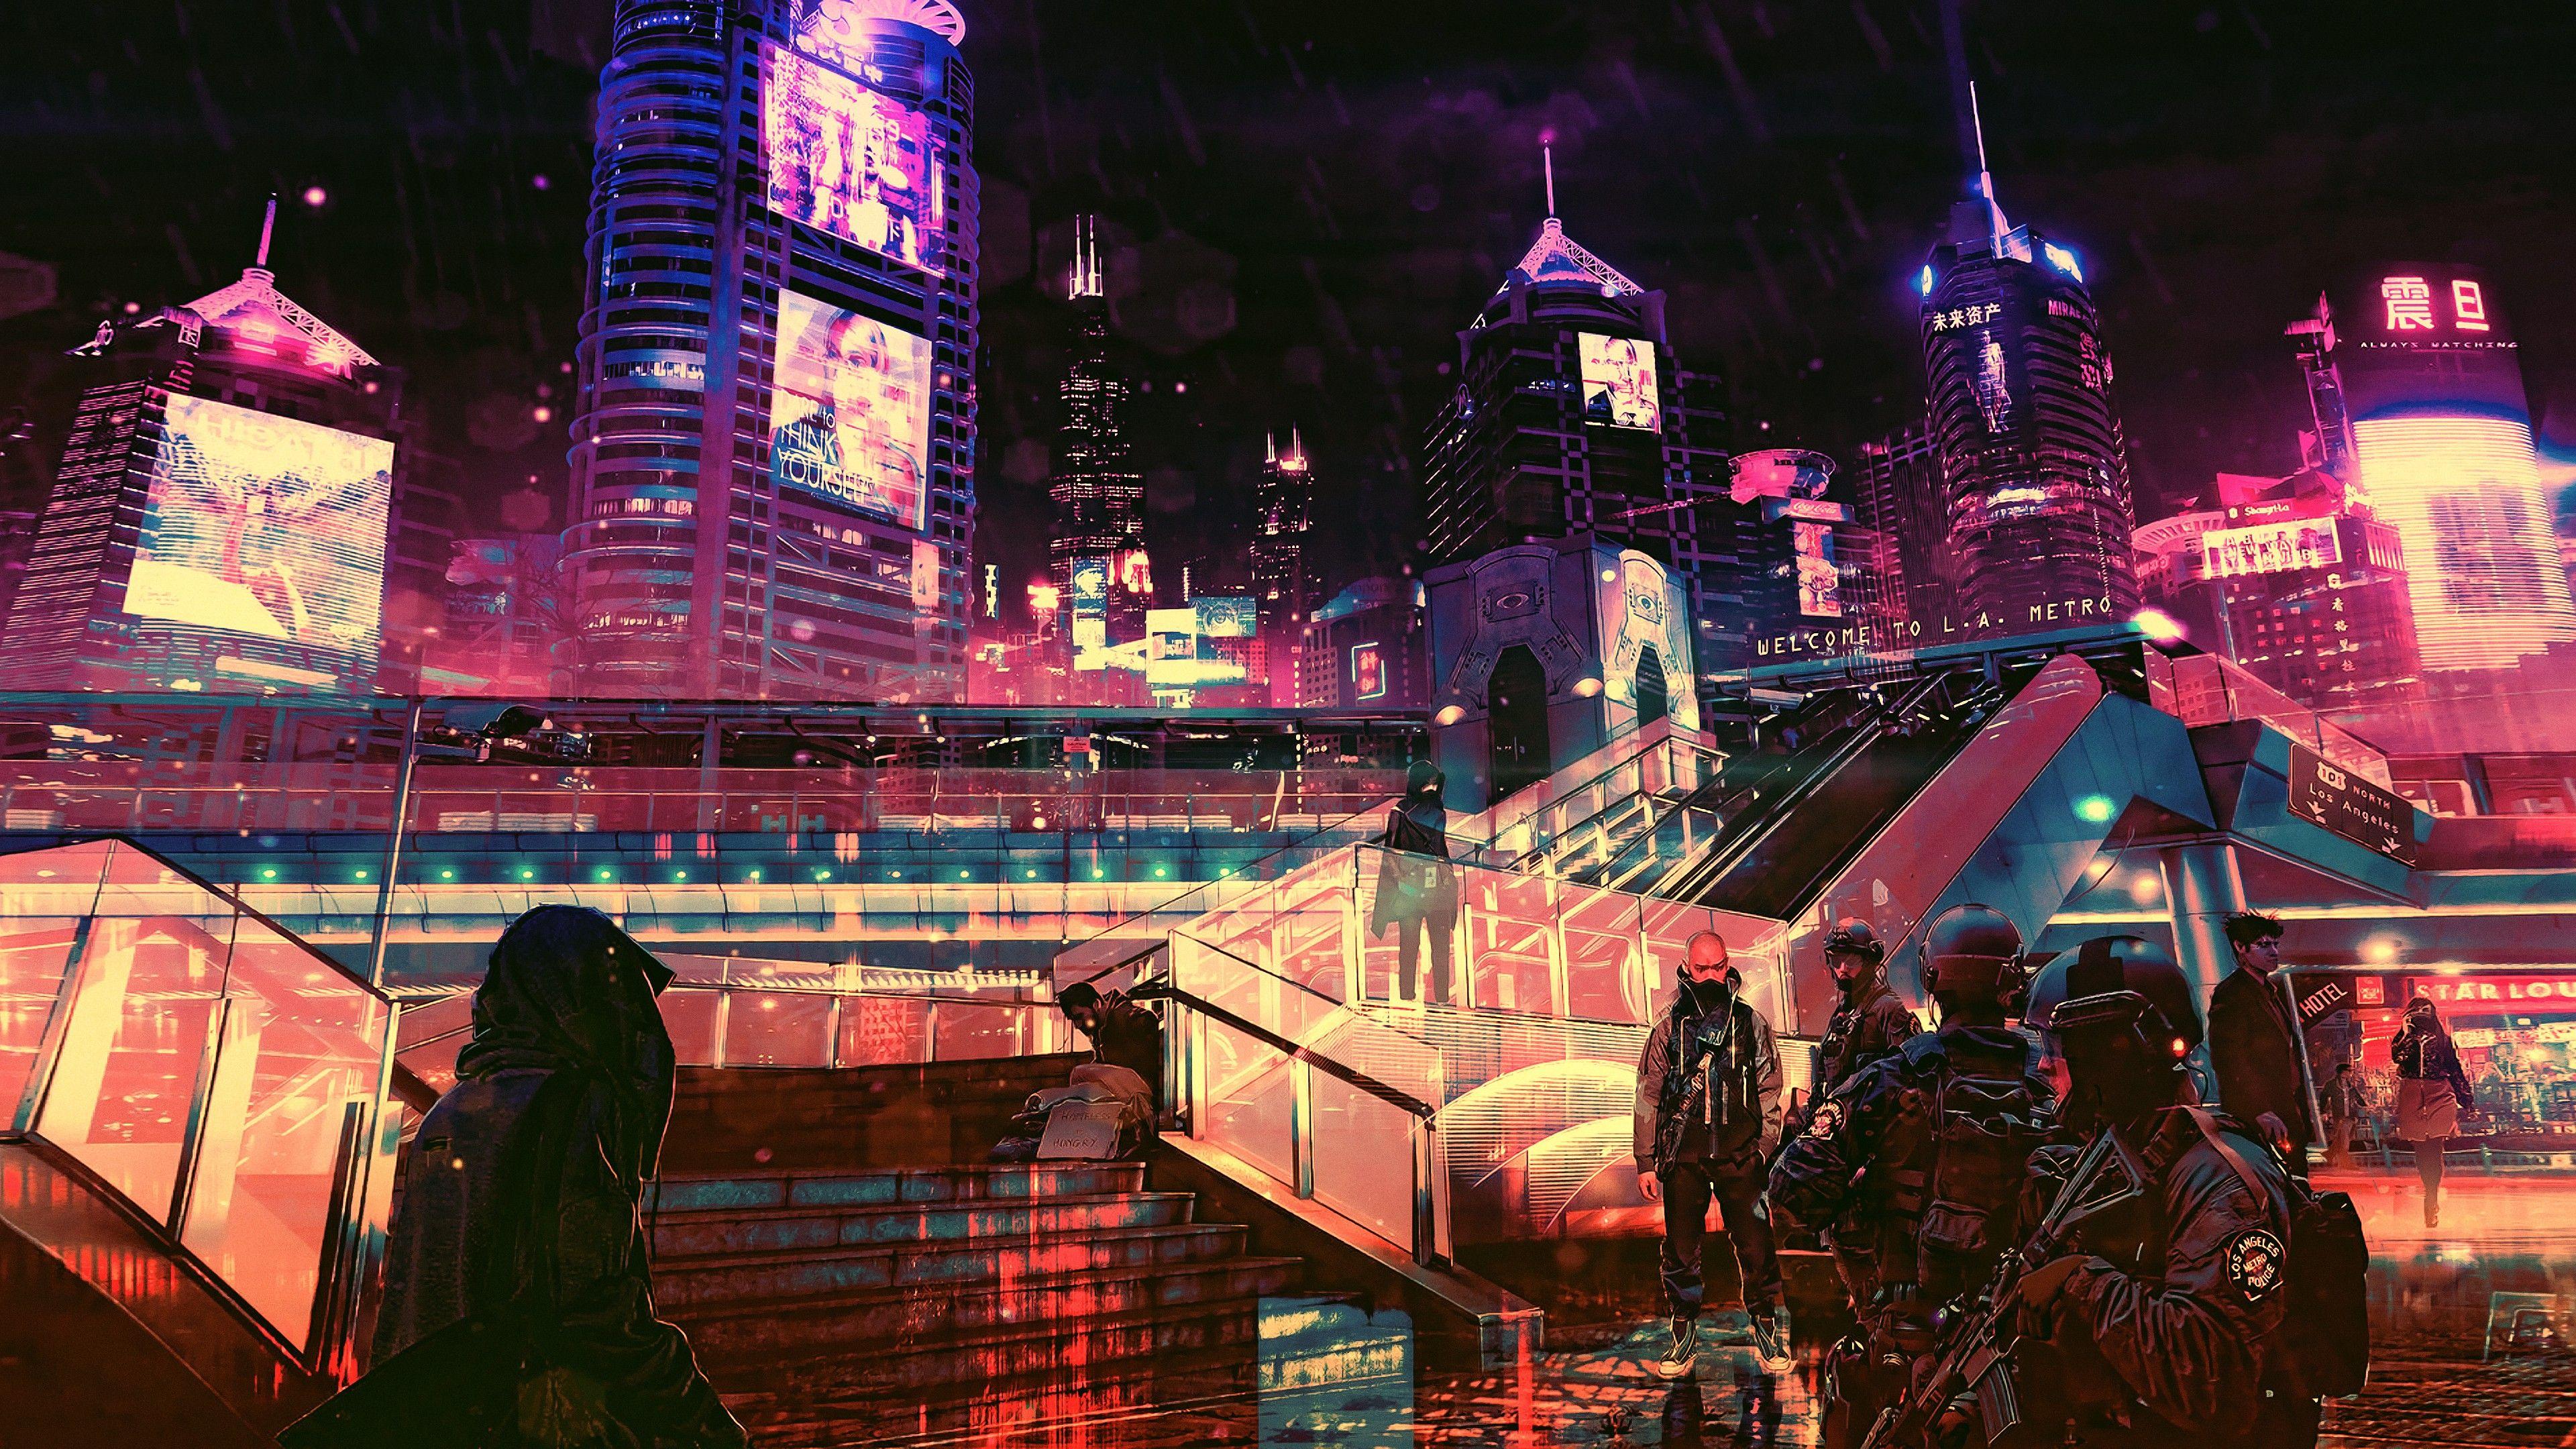 Futuristic Cyberpunk Future World 4k 6401 Samsung Wallpaper Sci Fi Wallpaper Cyberpunk